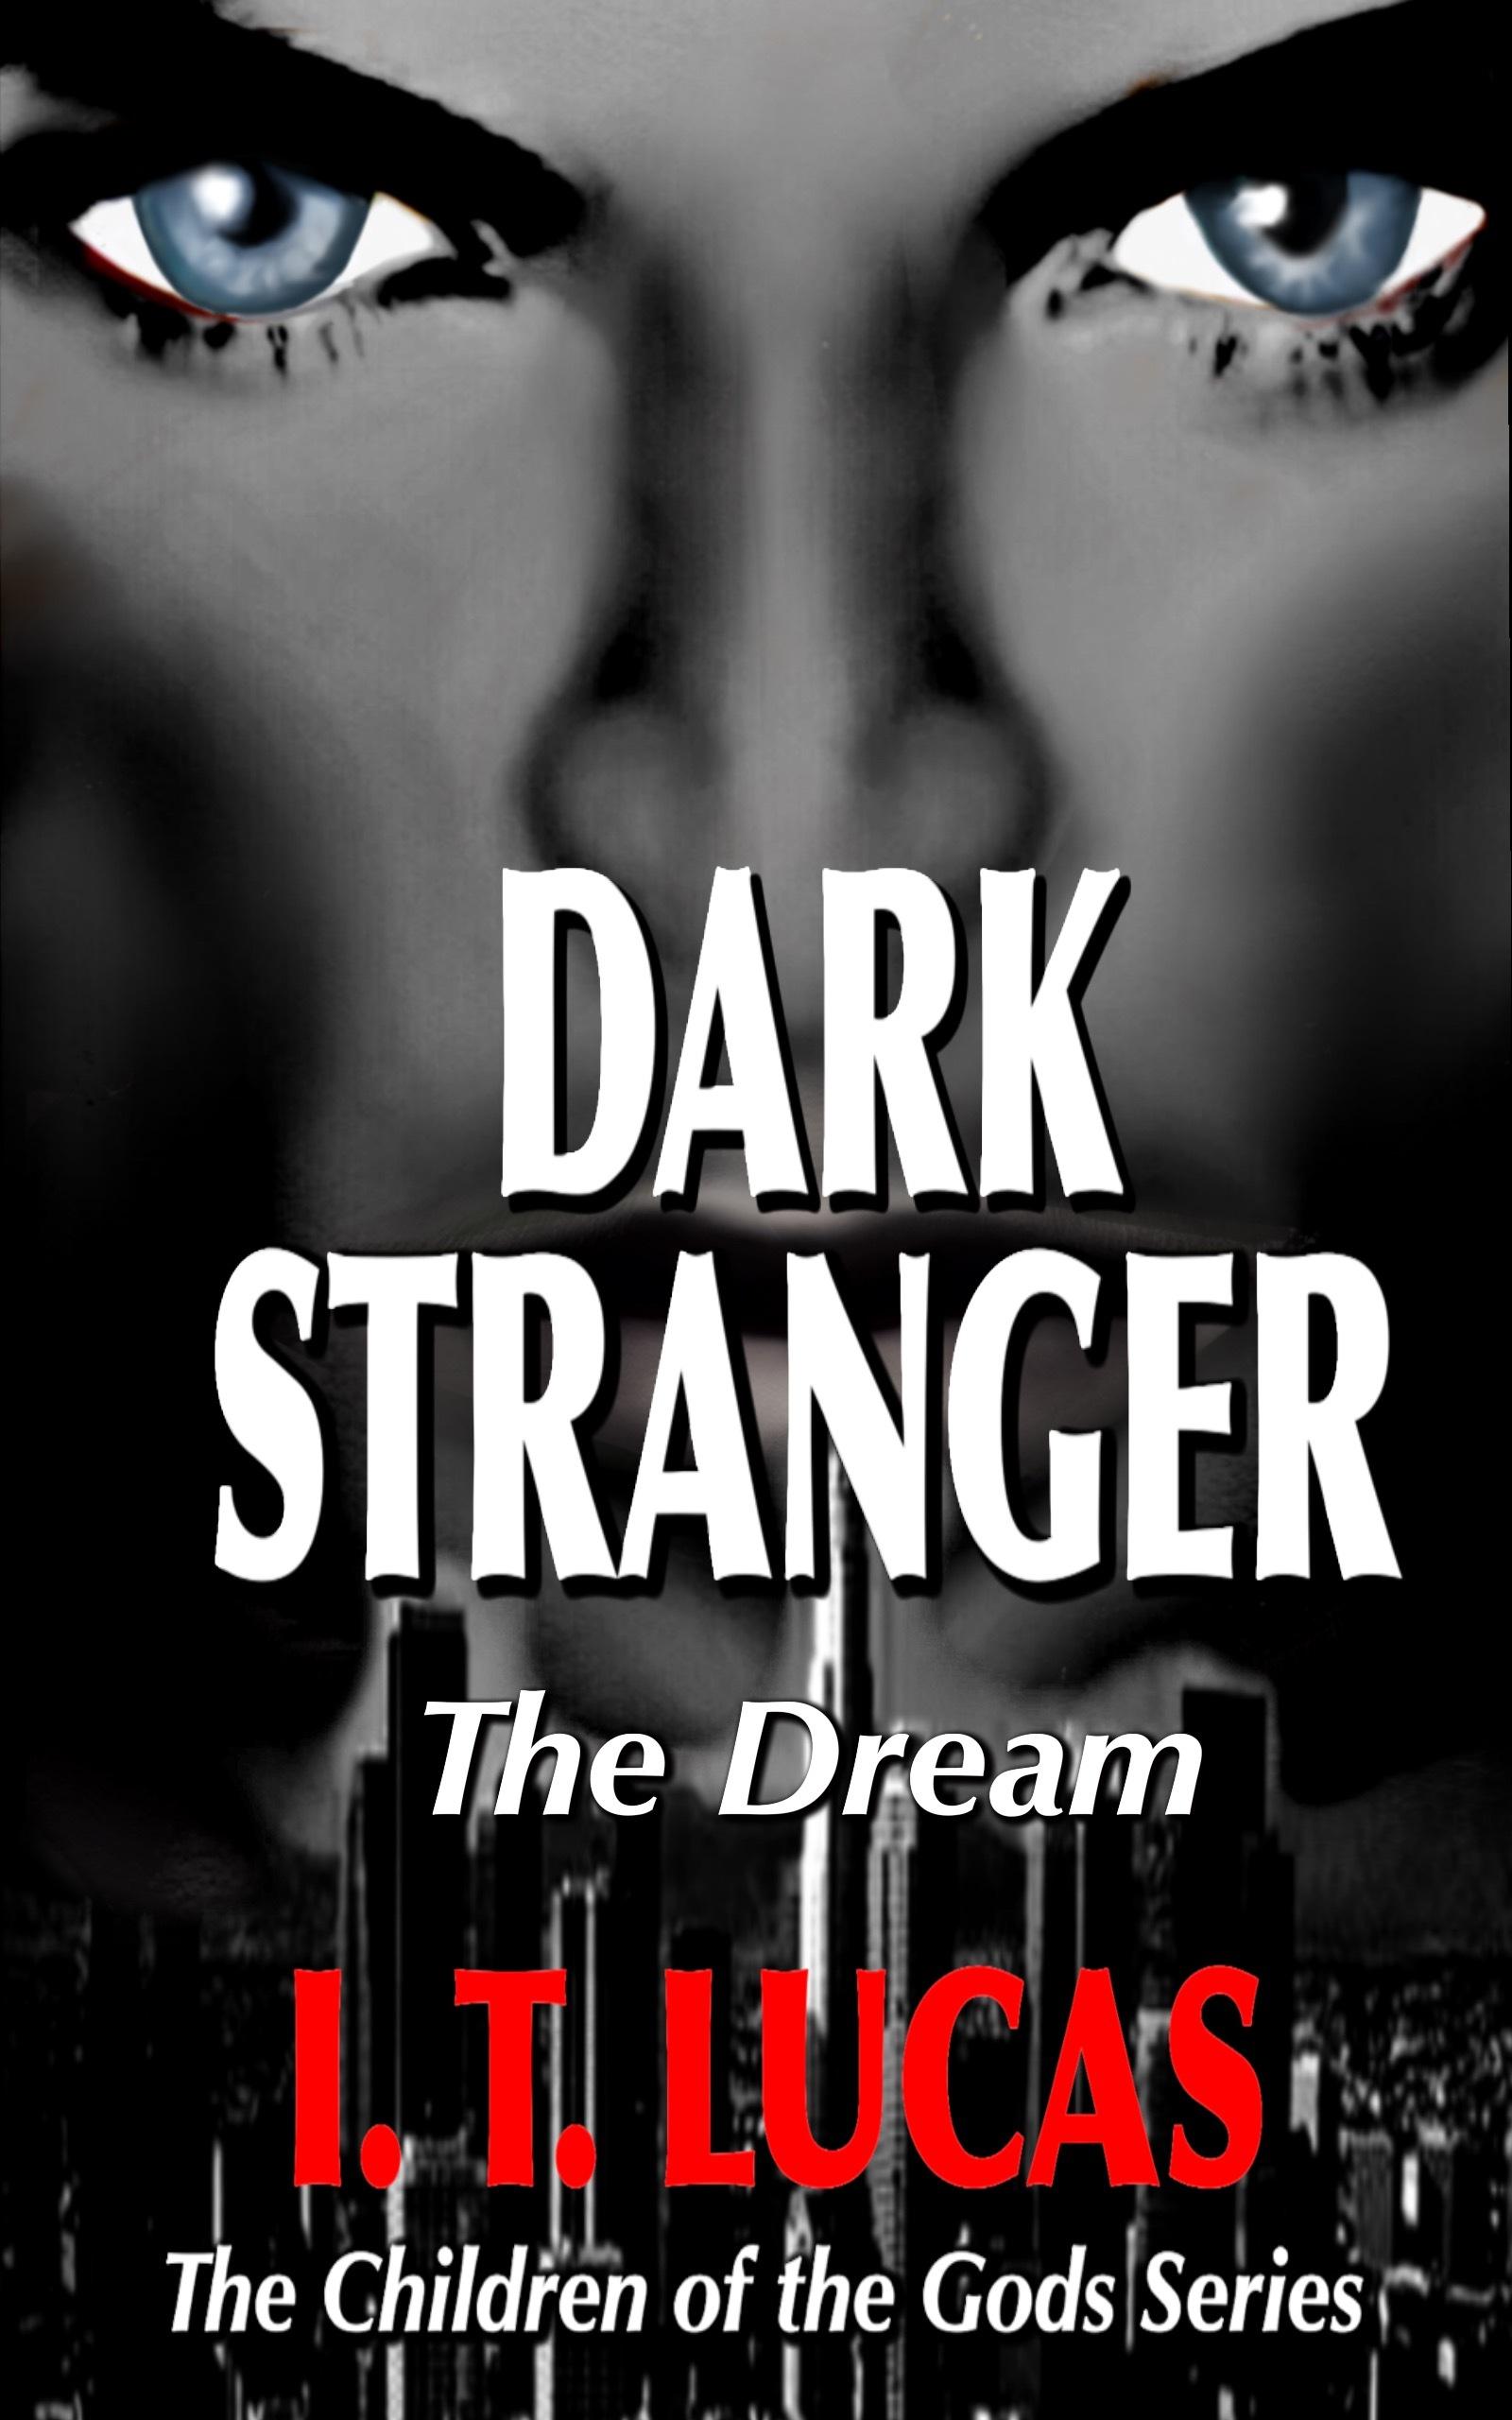 Dream of dating a stranger